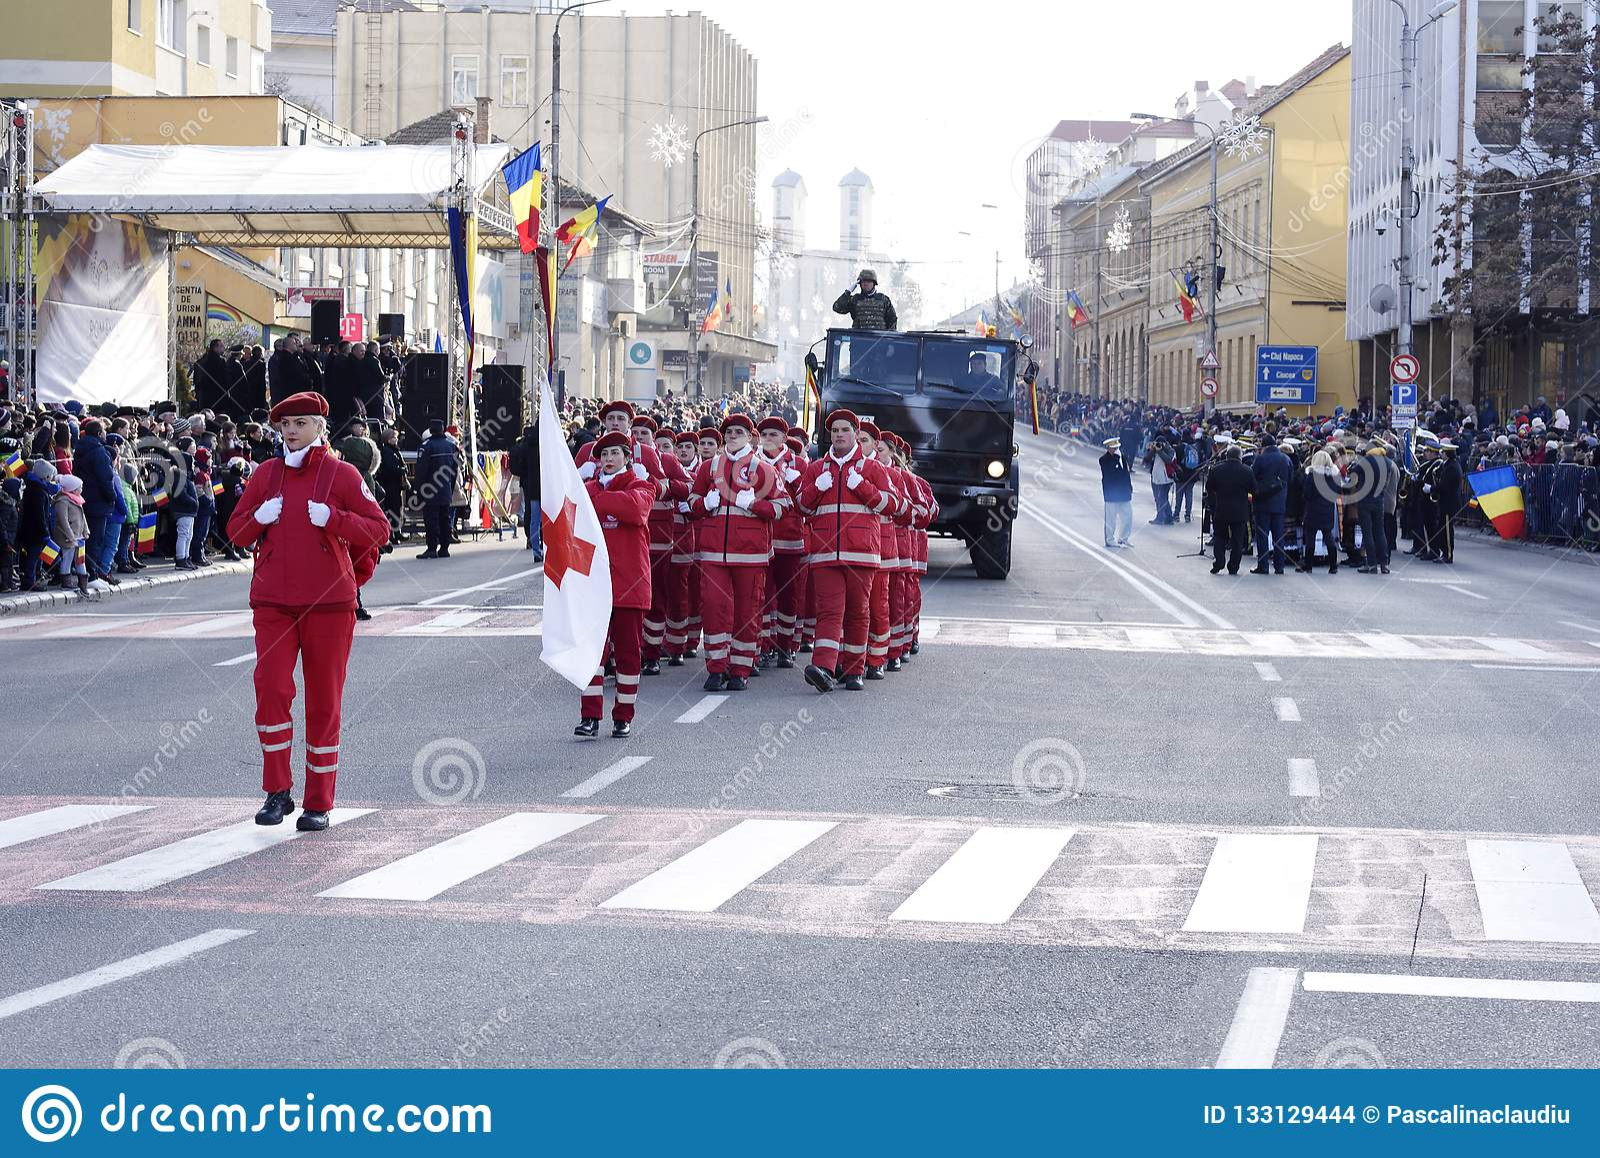 Румынский Красный Крест на параде